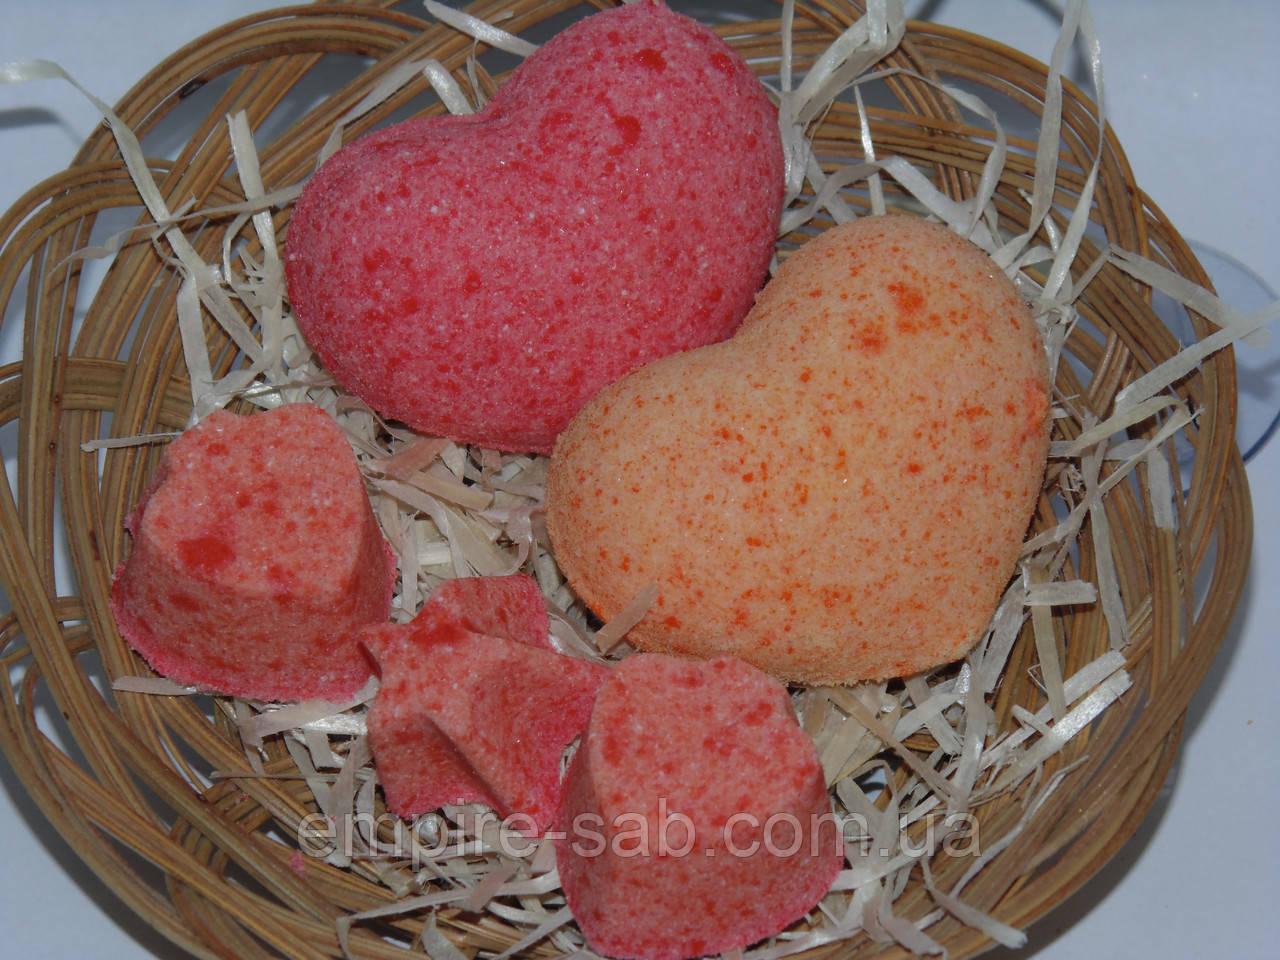 Набор гейзеров для ванны с ароматом грейпфрута